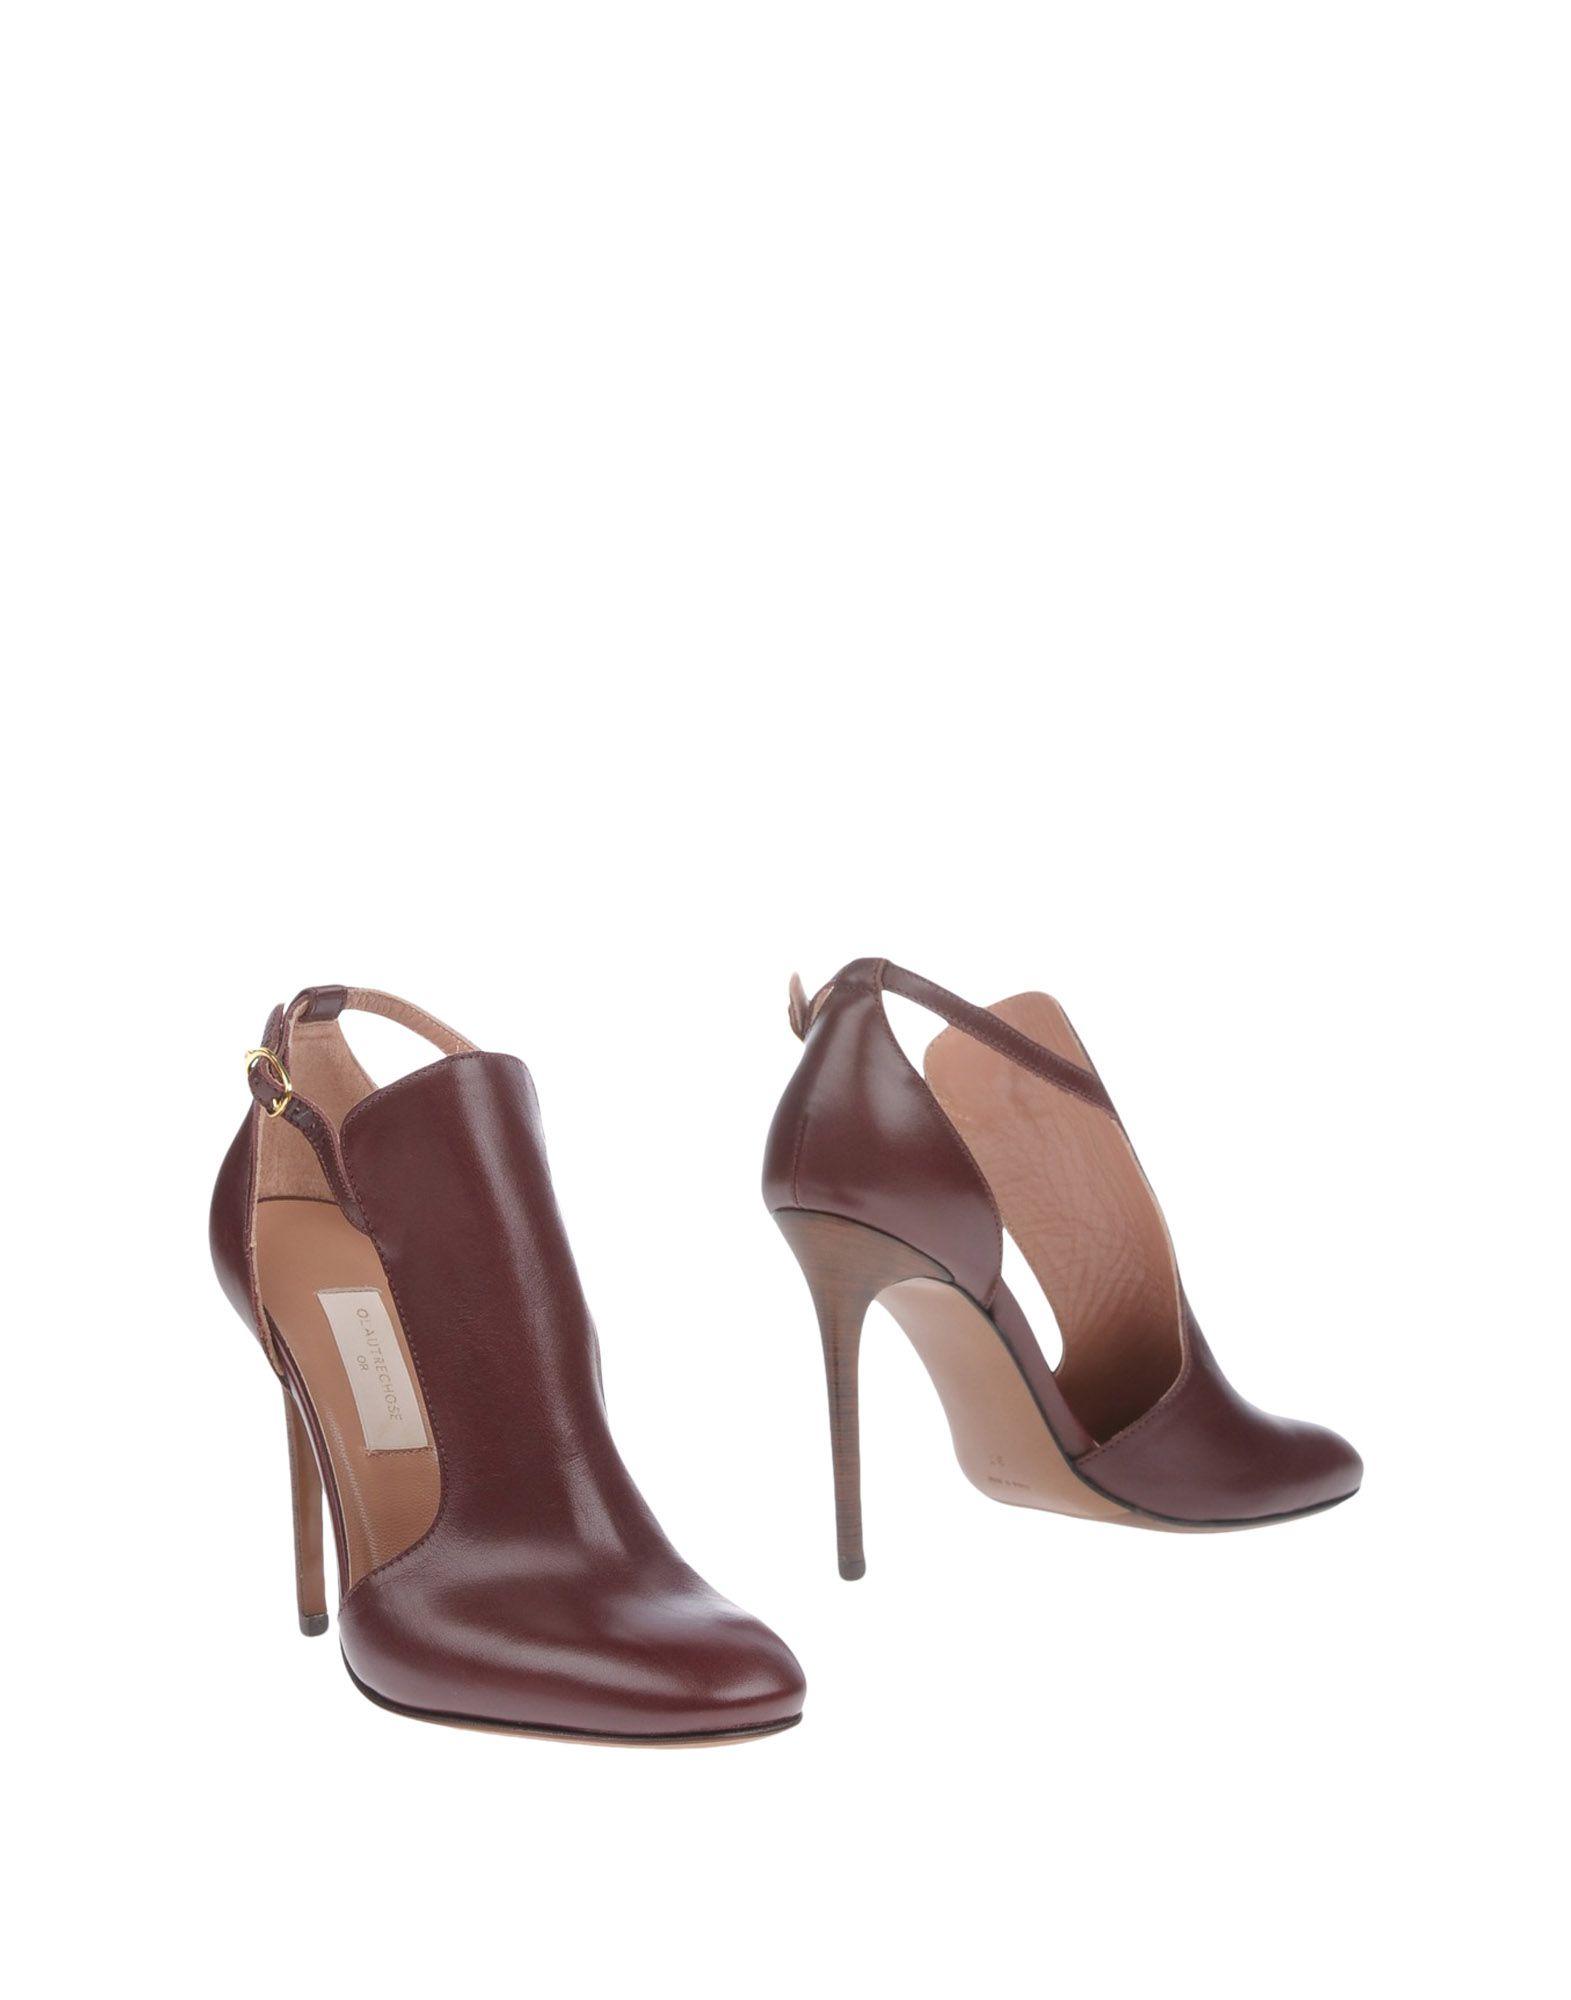 Escarpins L' Autre Chose Femme - Escarpins L' Autre Chose Chocolat Nouvelles chaussures pour hommes et femmes, remise limitée dans le temps